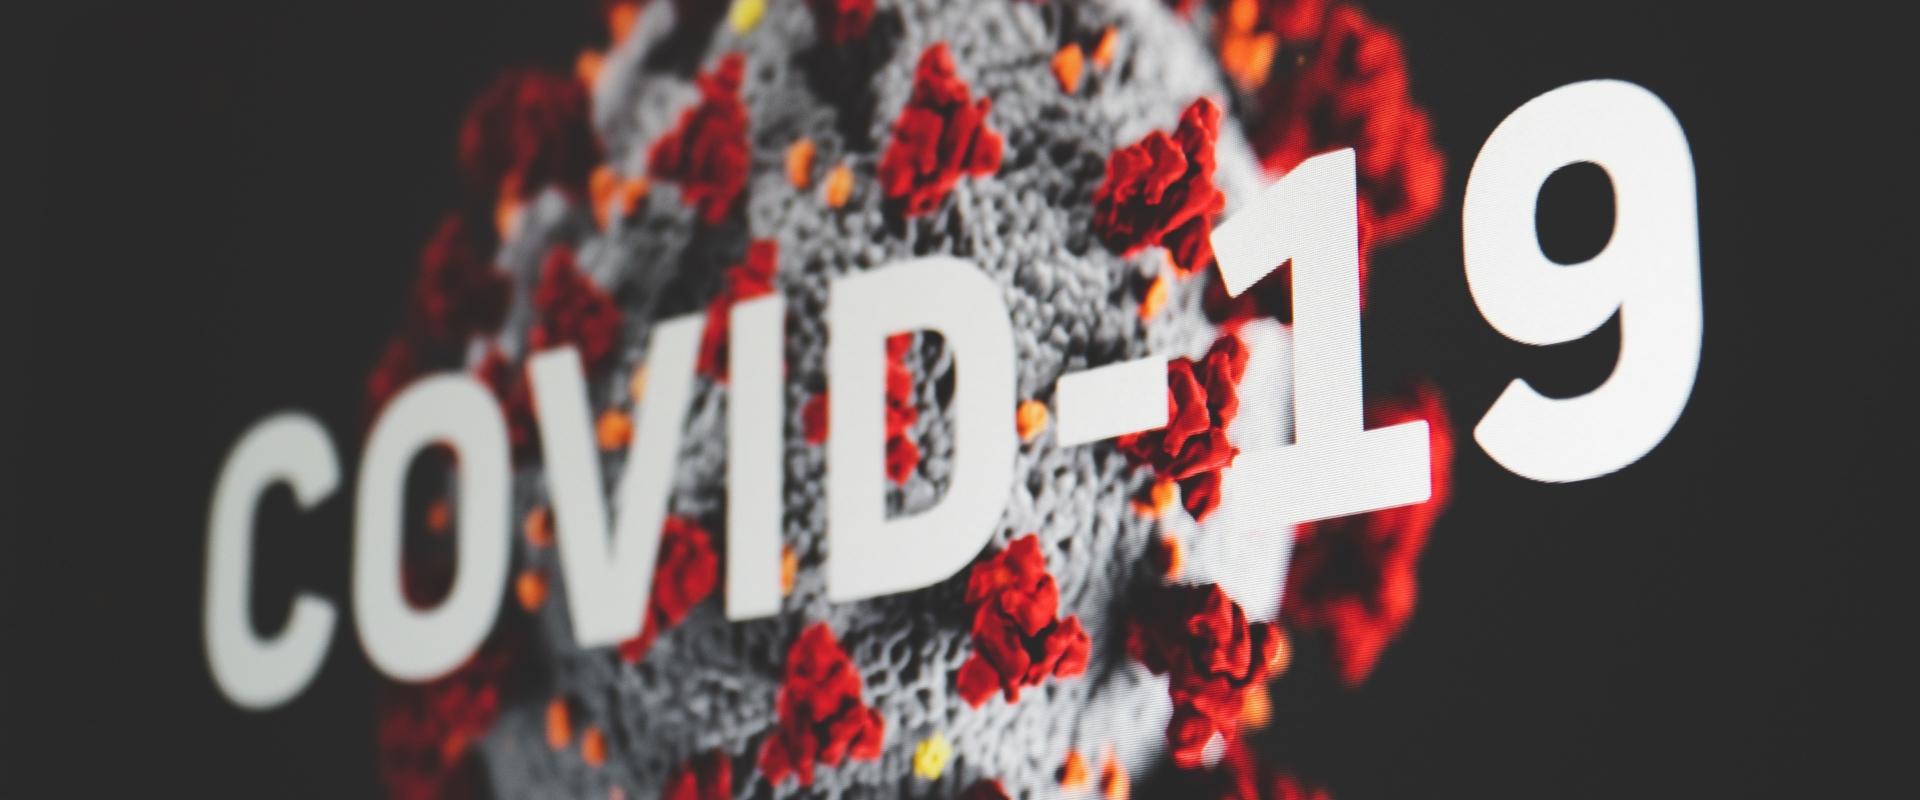 COVID-19 Prevention & Preparation